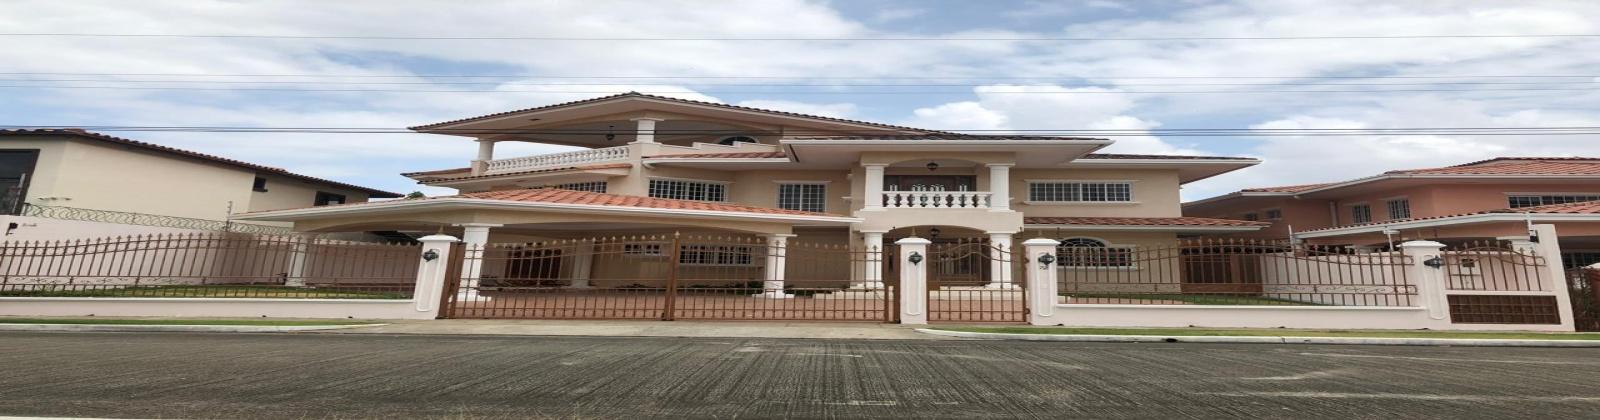 Casa en venta,En venta,1183